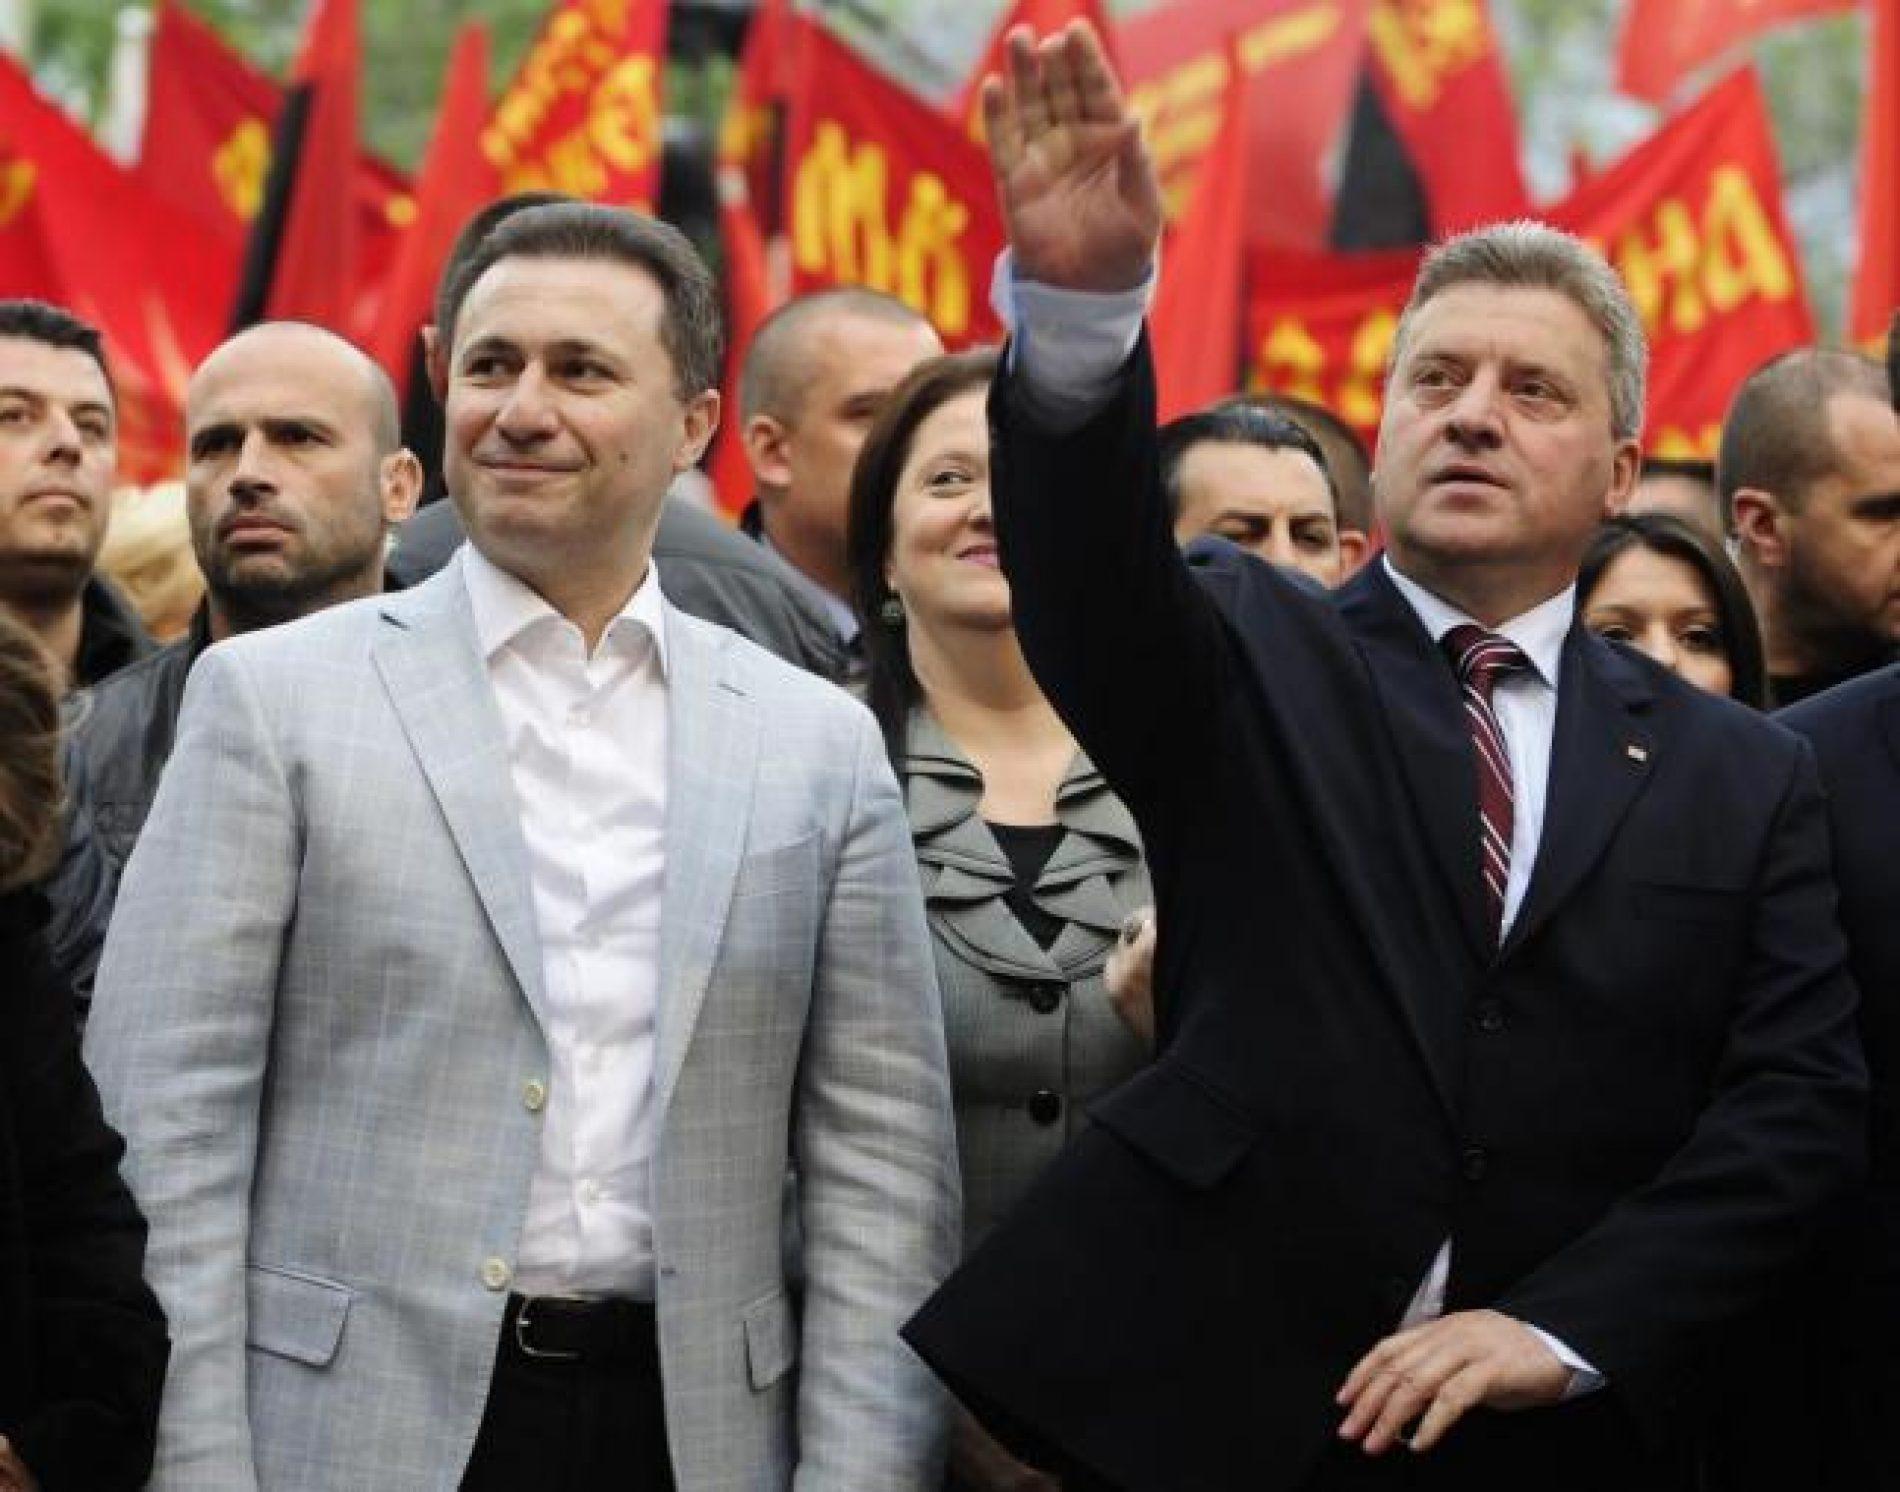 Parlamenti do të mblidhet dhe votojë kundër vendimit të Ivanovit?!